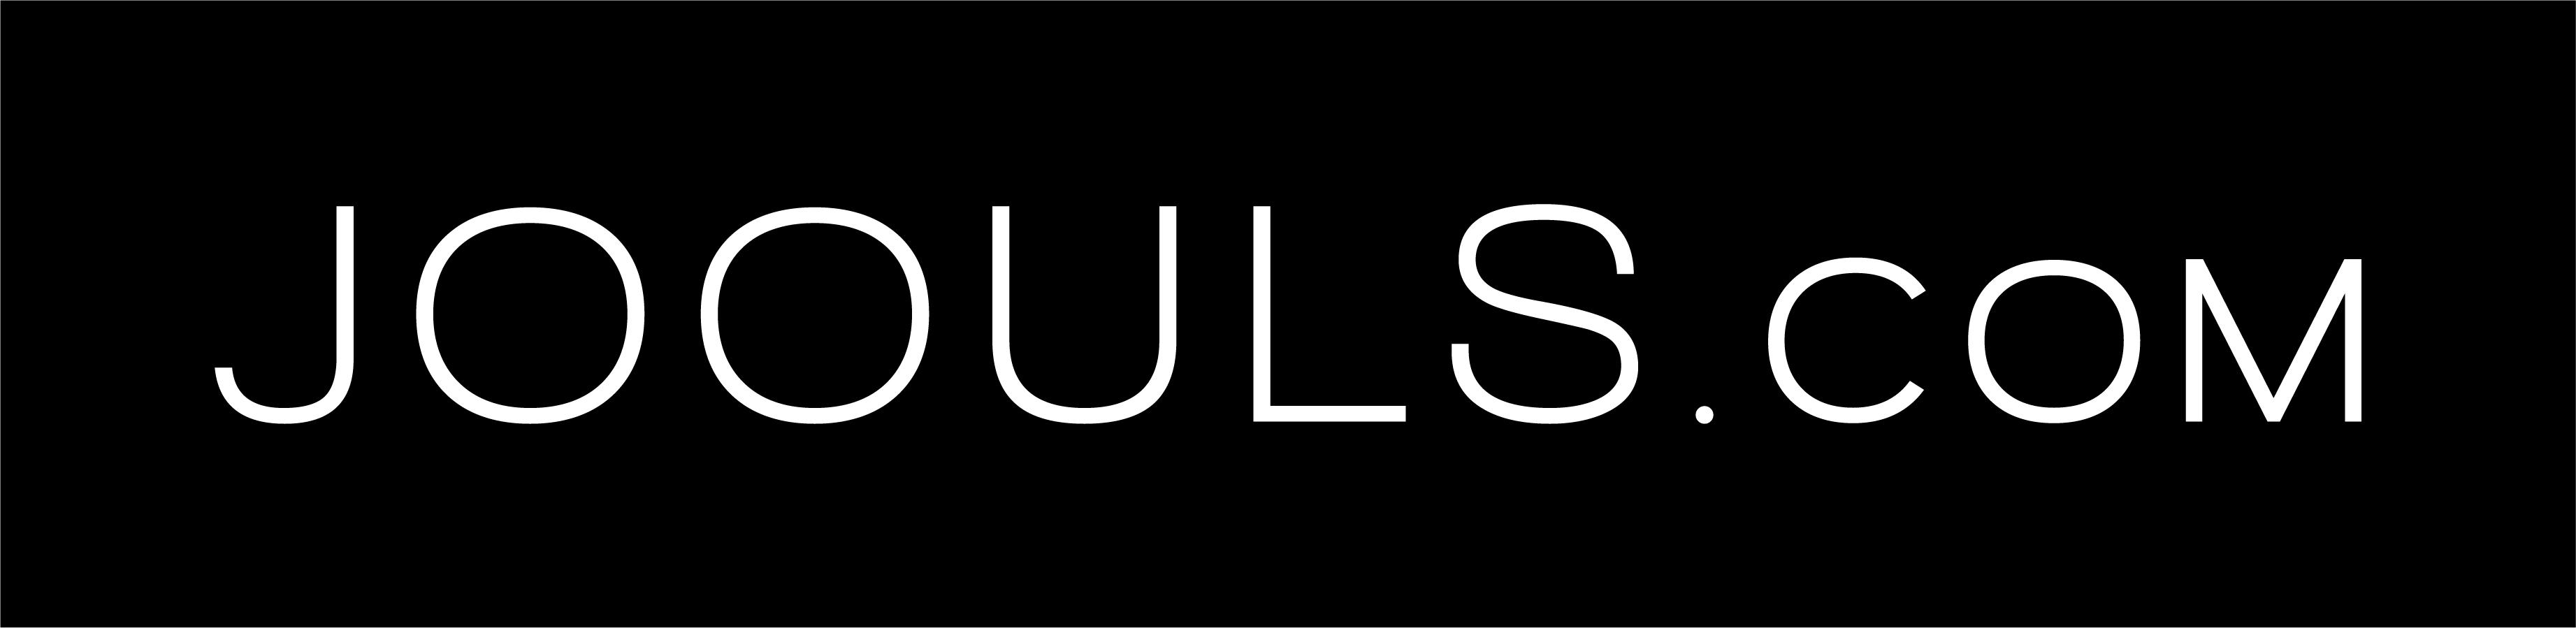 JOOULS-COM_2019_Logo_auf_schwarz